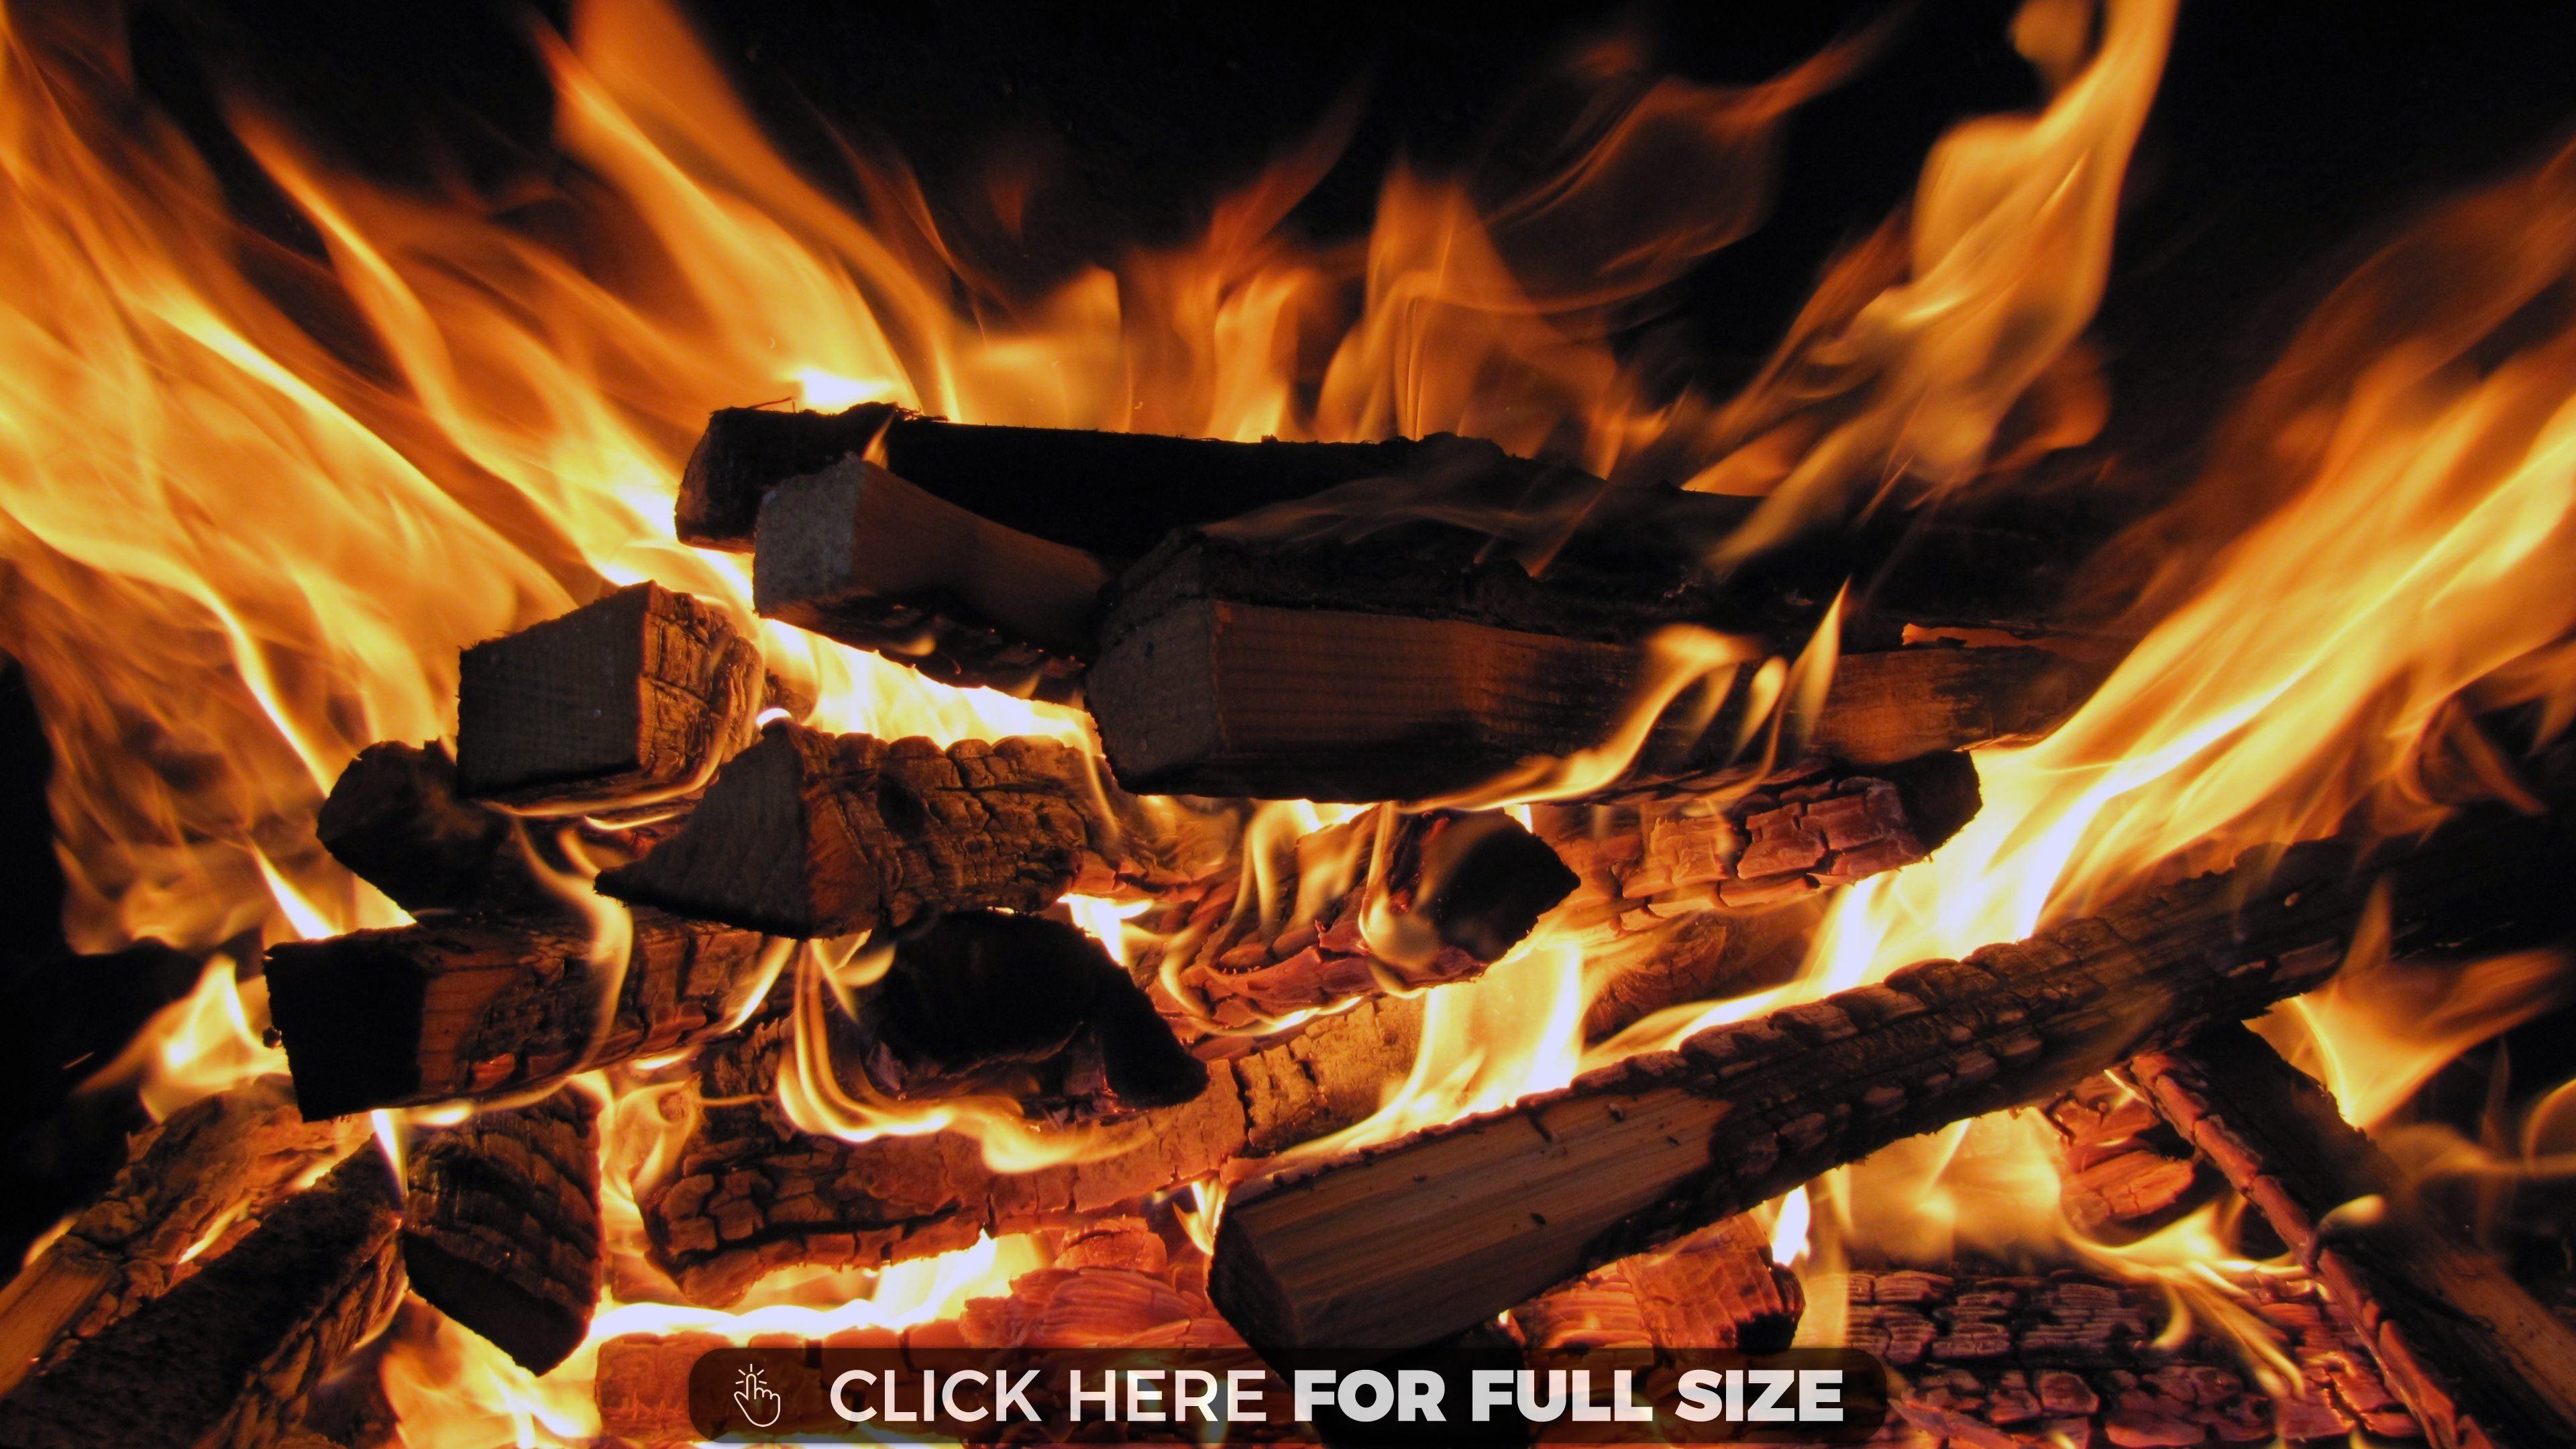 76+] Free Fireplace Wallpaper on WallpaperSafari